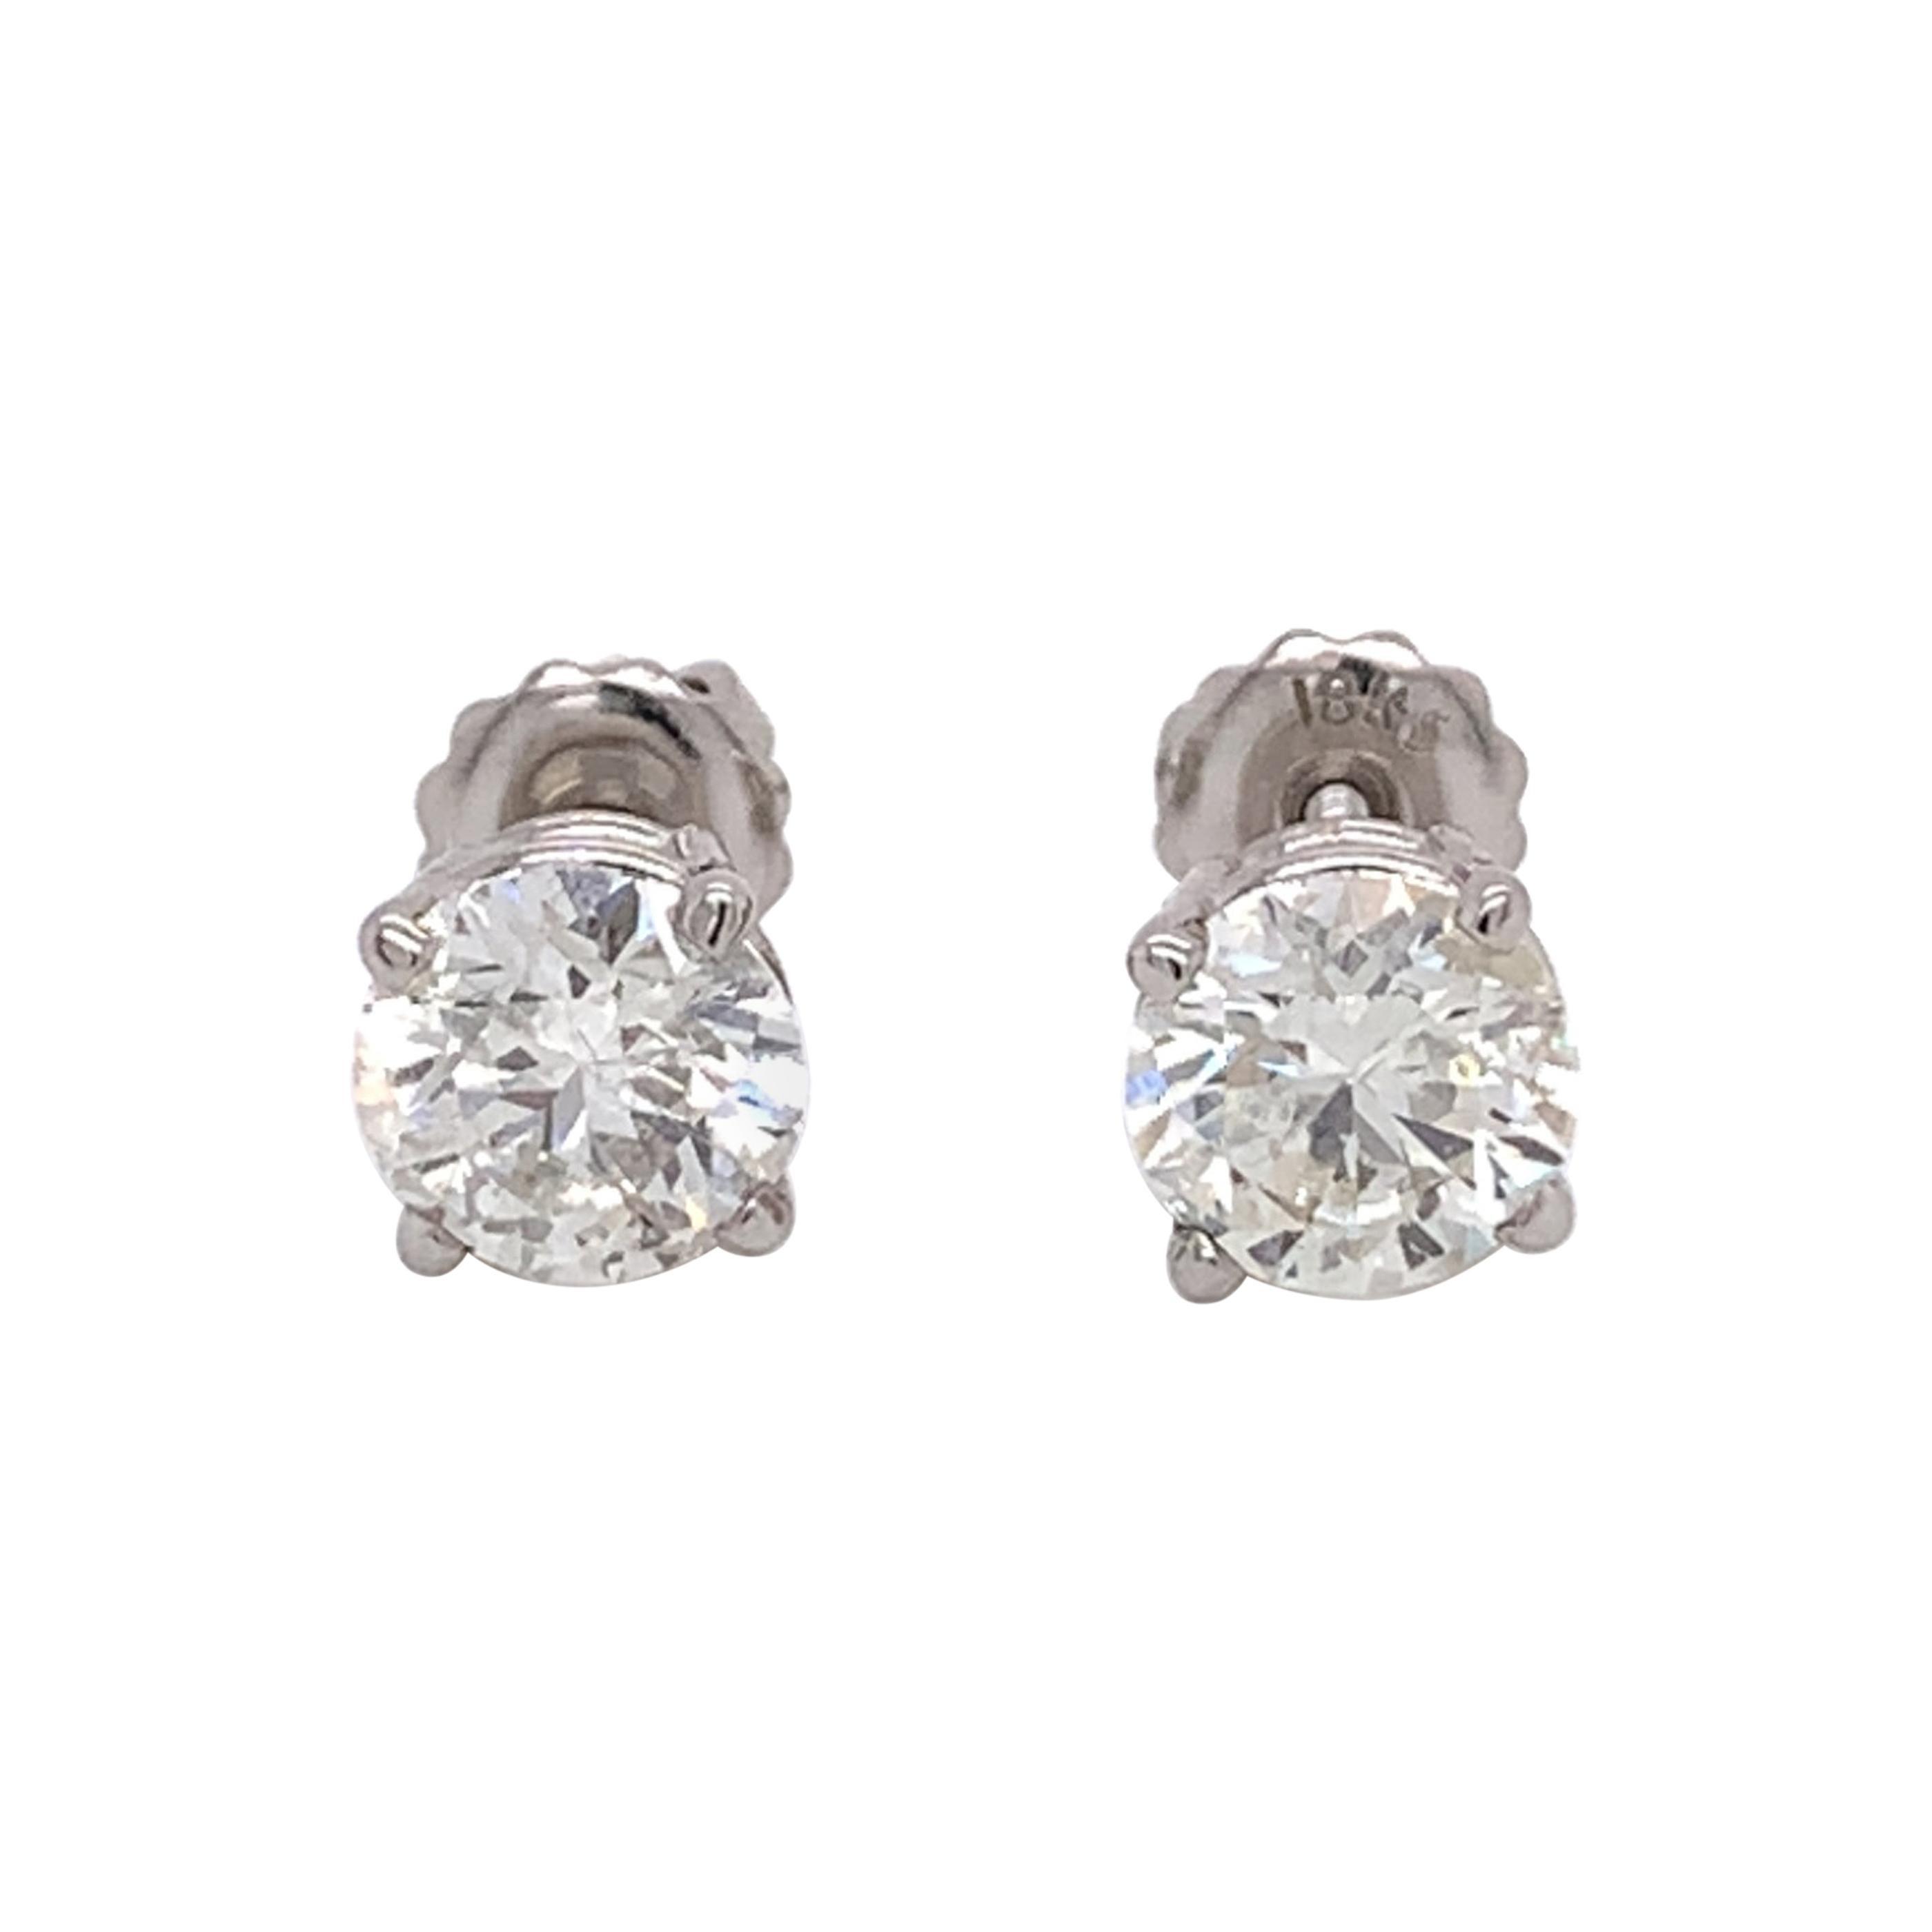 Medium Size Diamond Stud Earrings